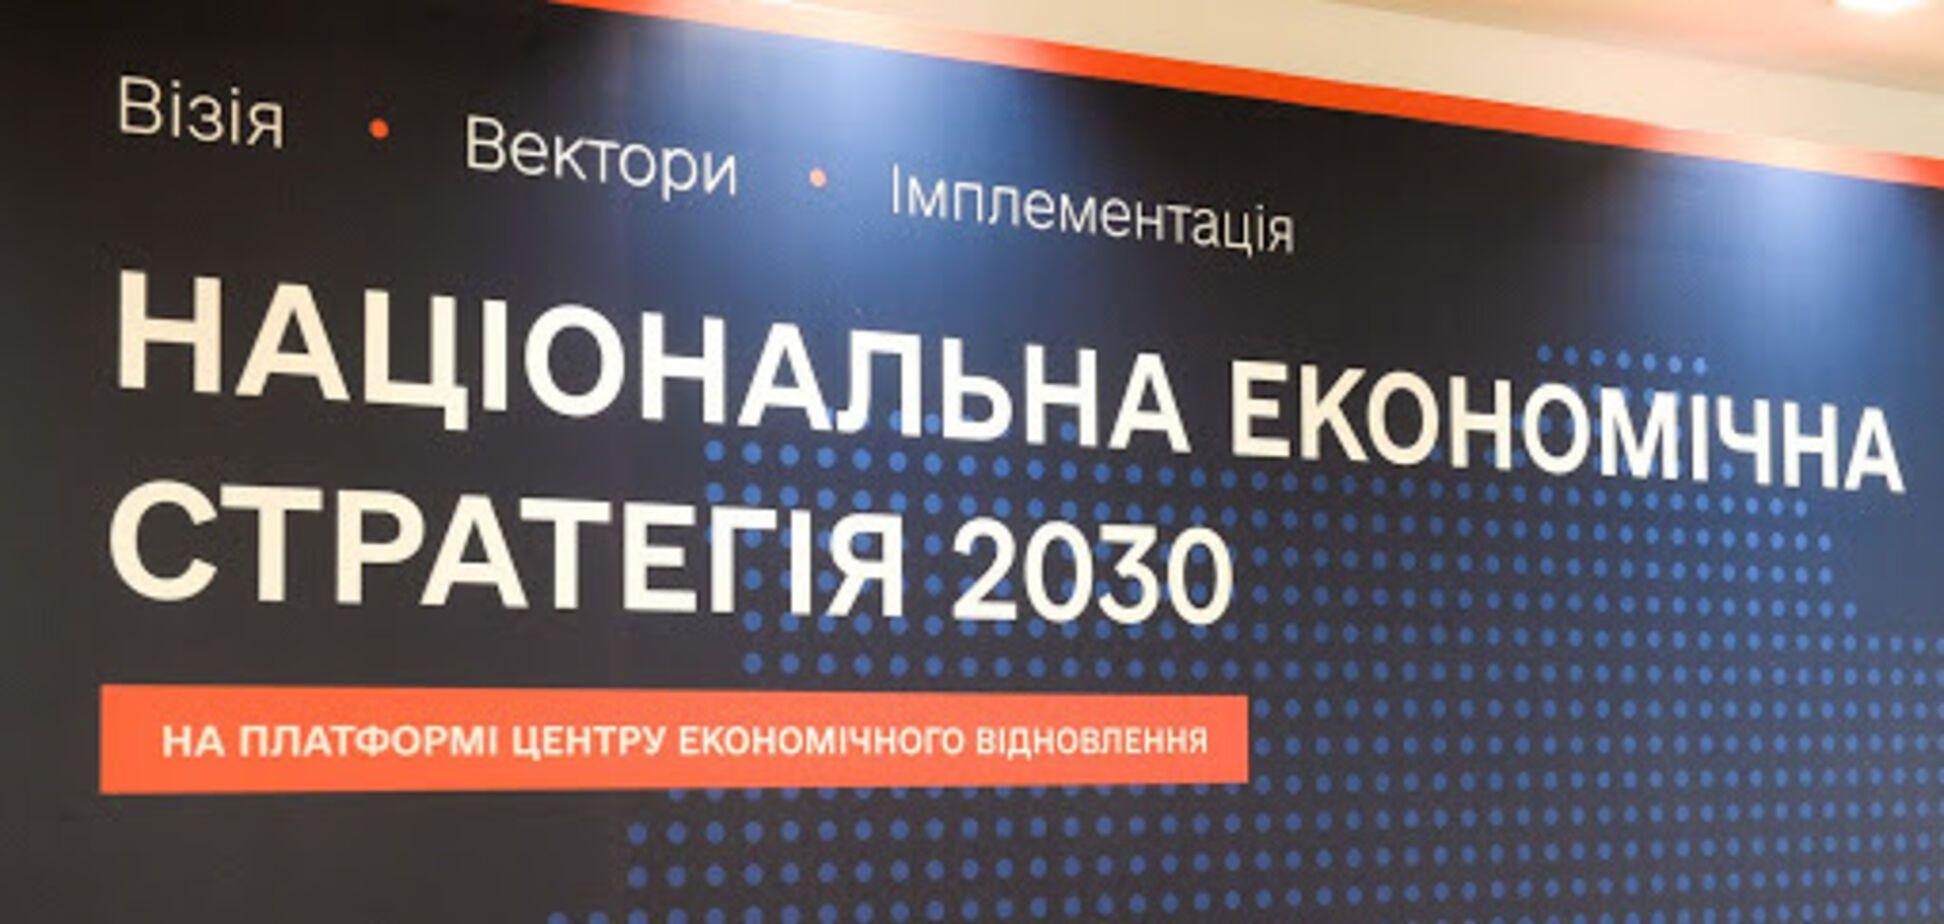 В Украине продолжается работа над Национальной экономической стратегией-2030